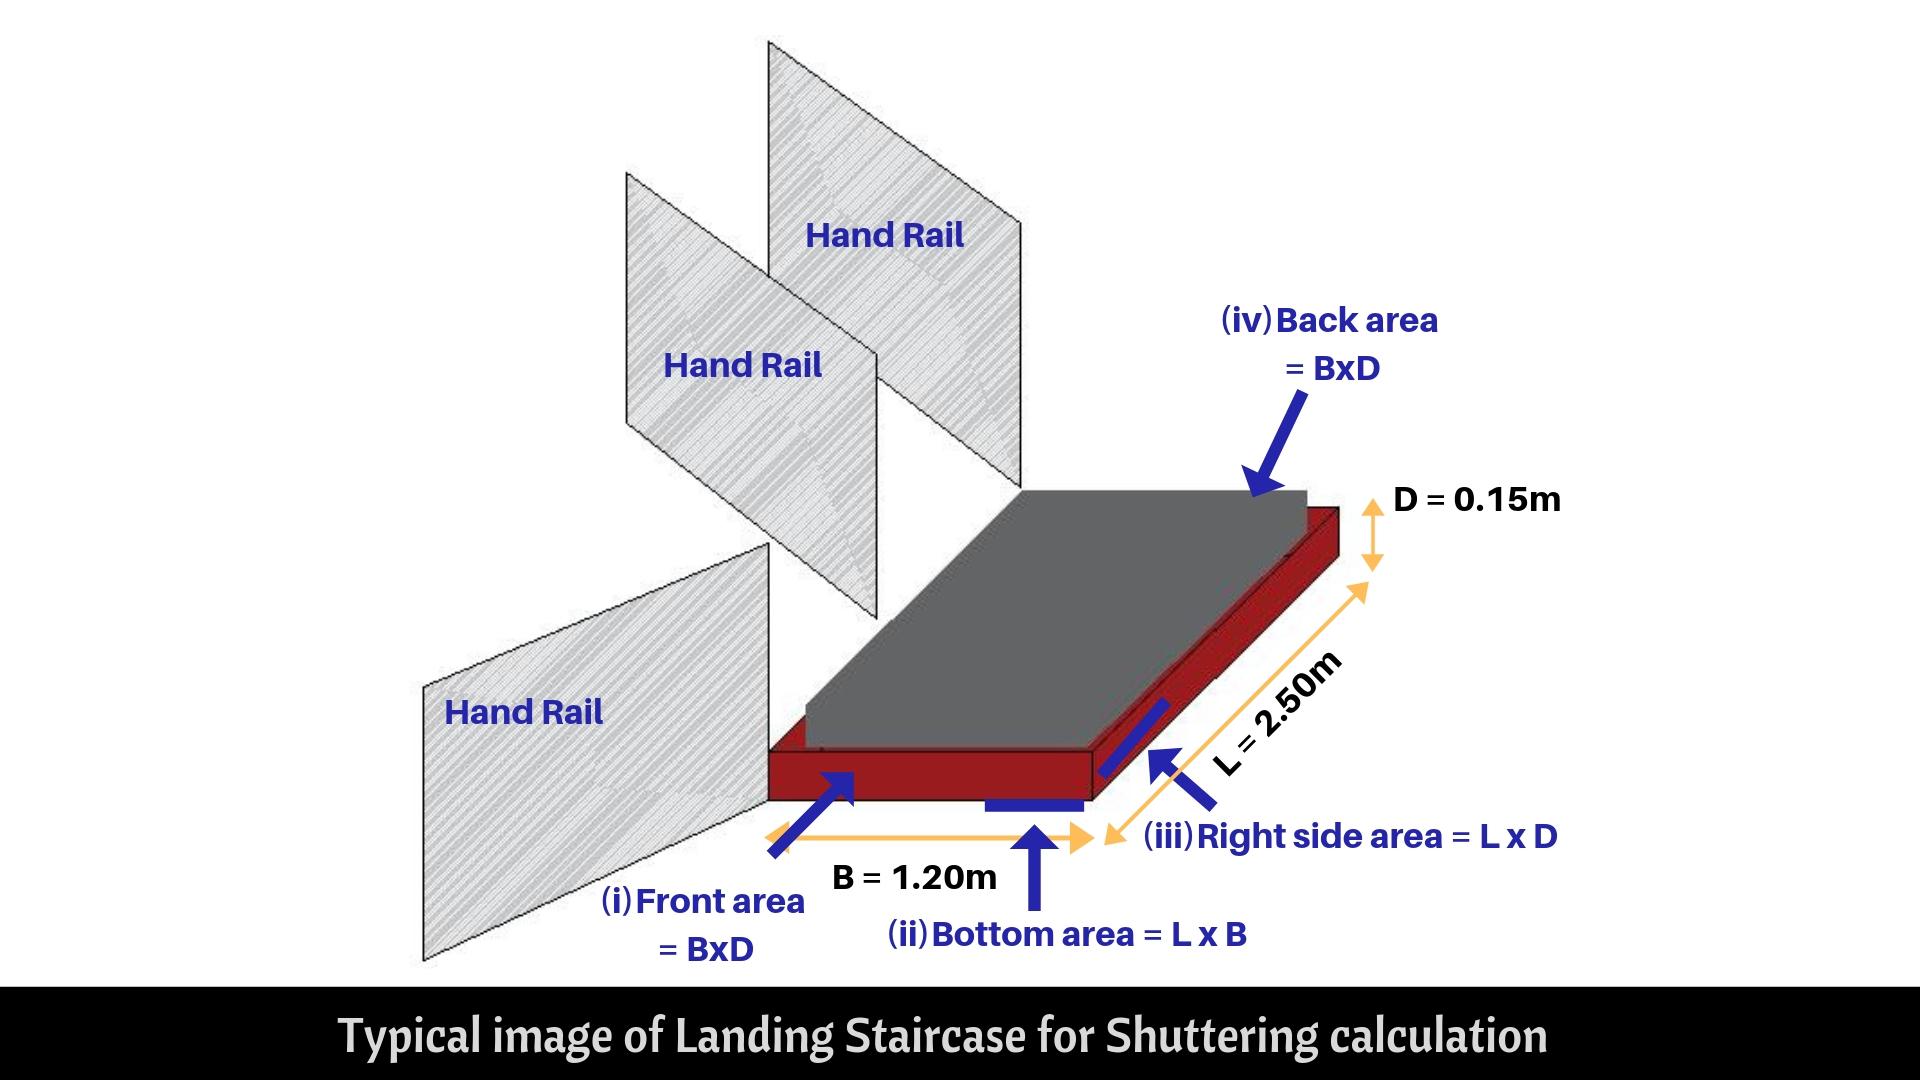 Shuttering for Landing